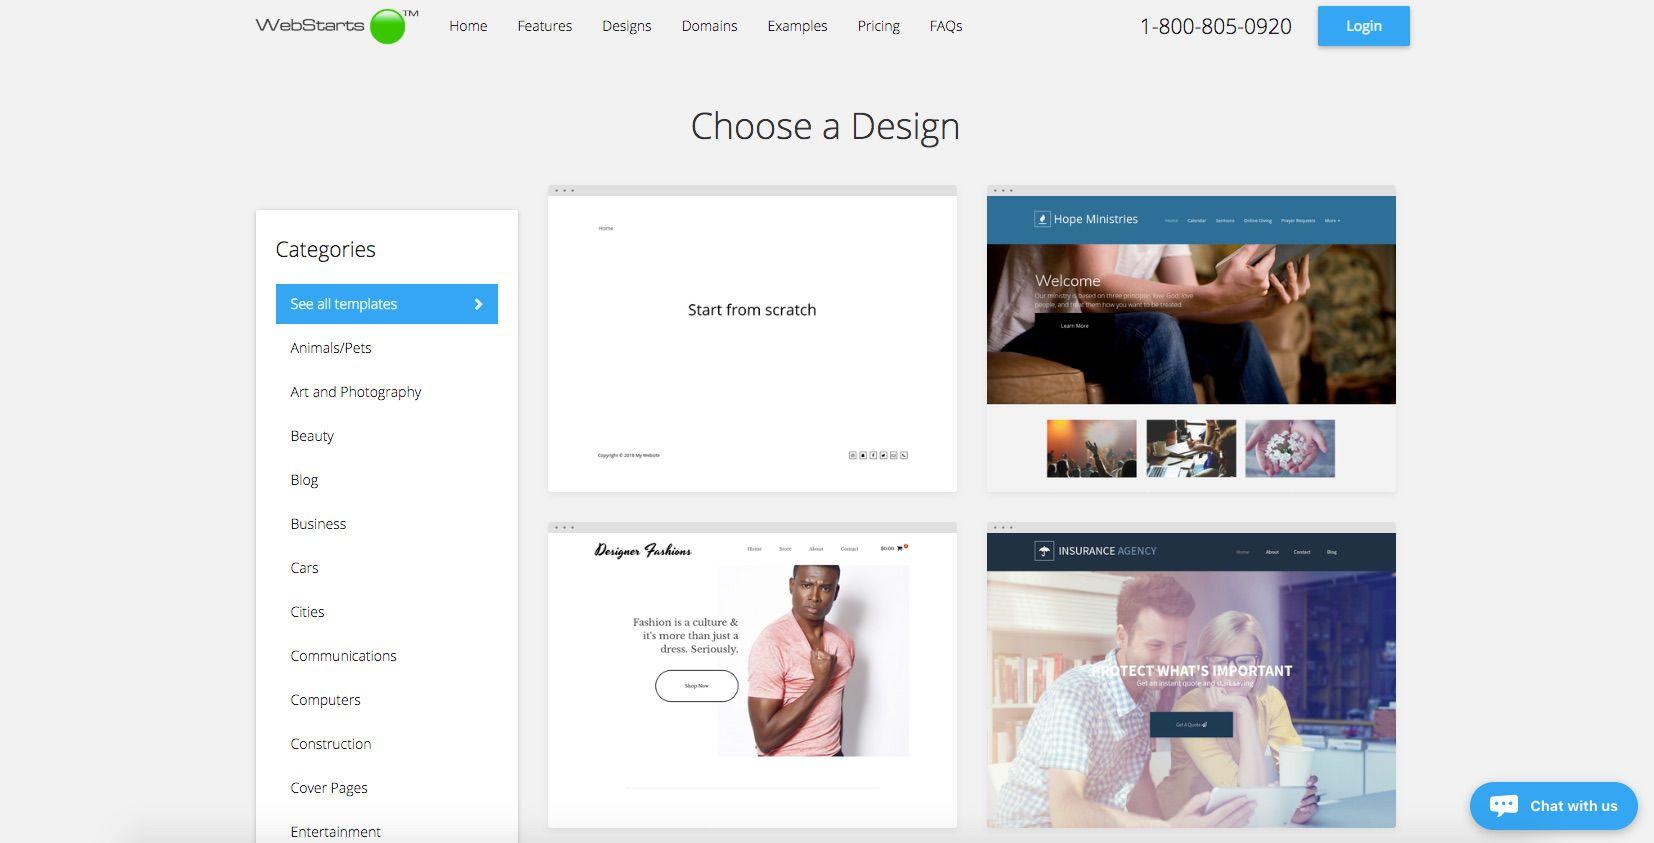 A screenshot of WebStarts.com.